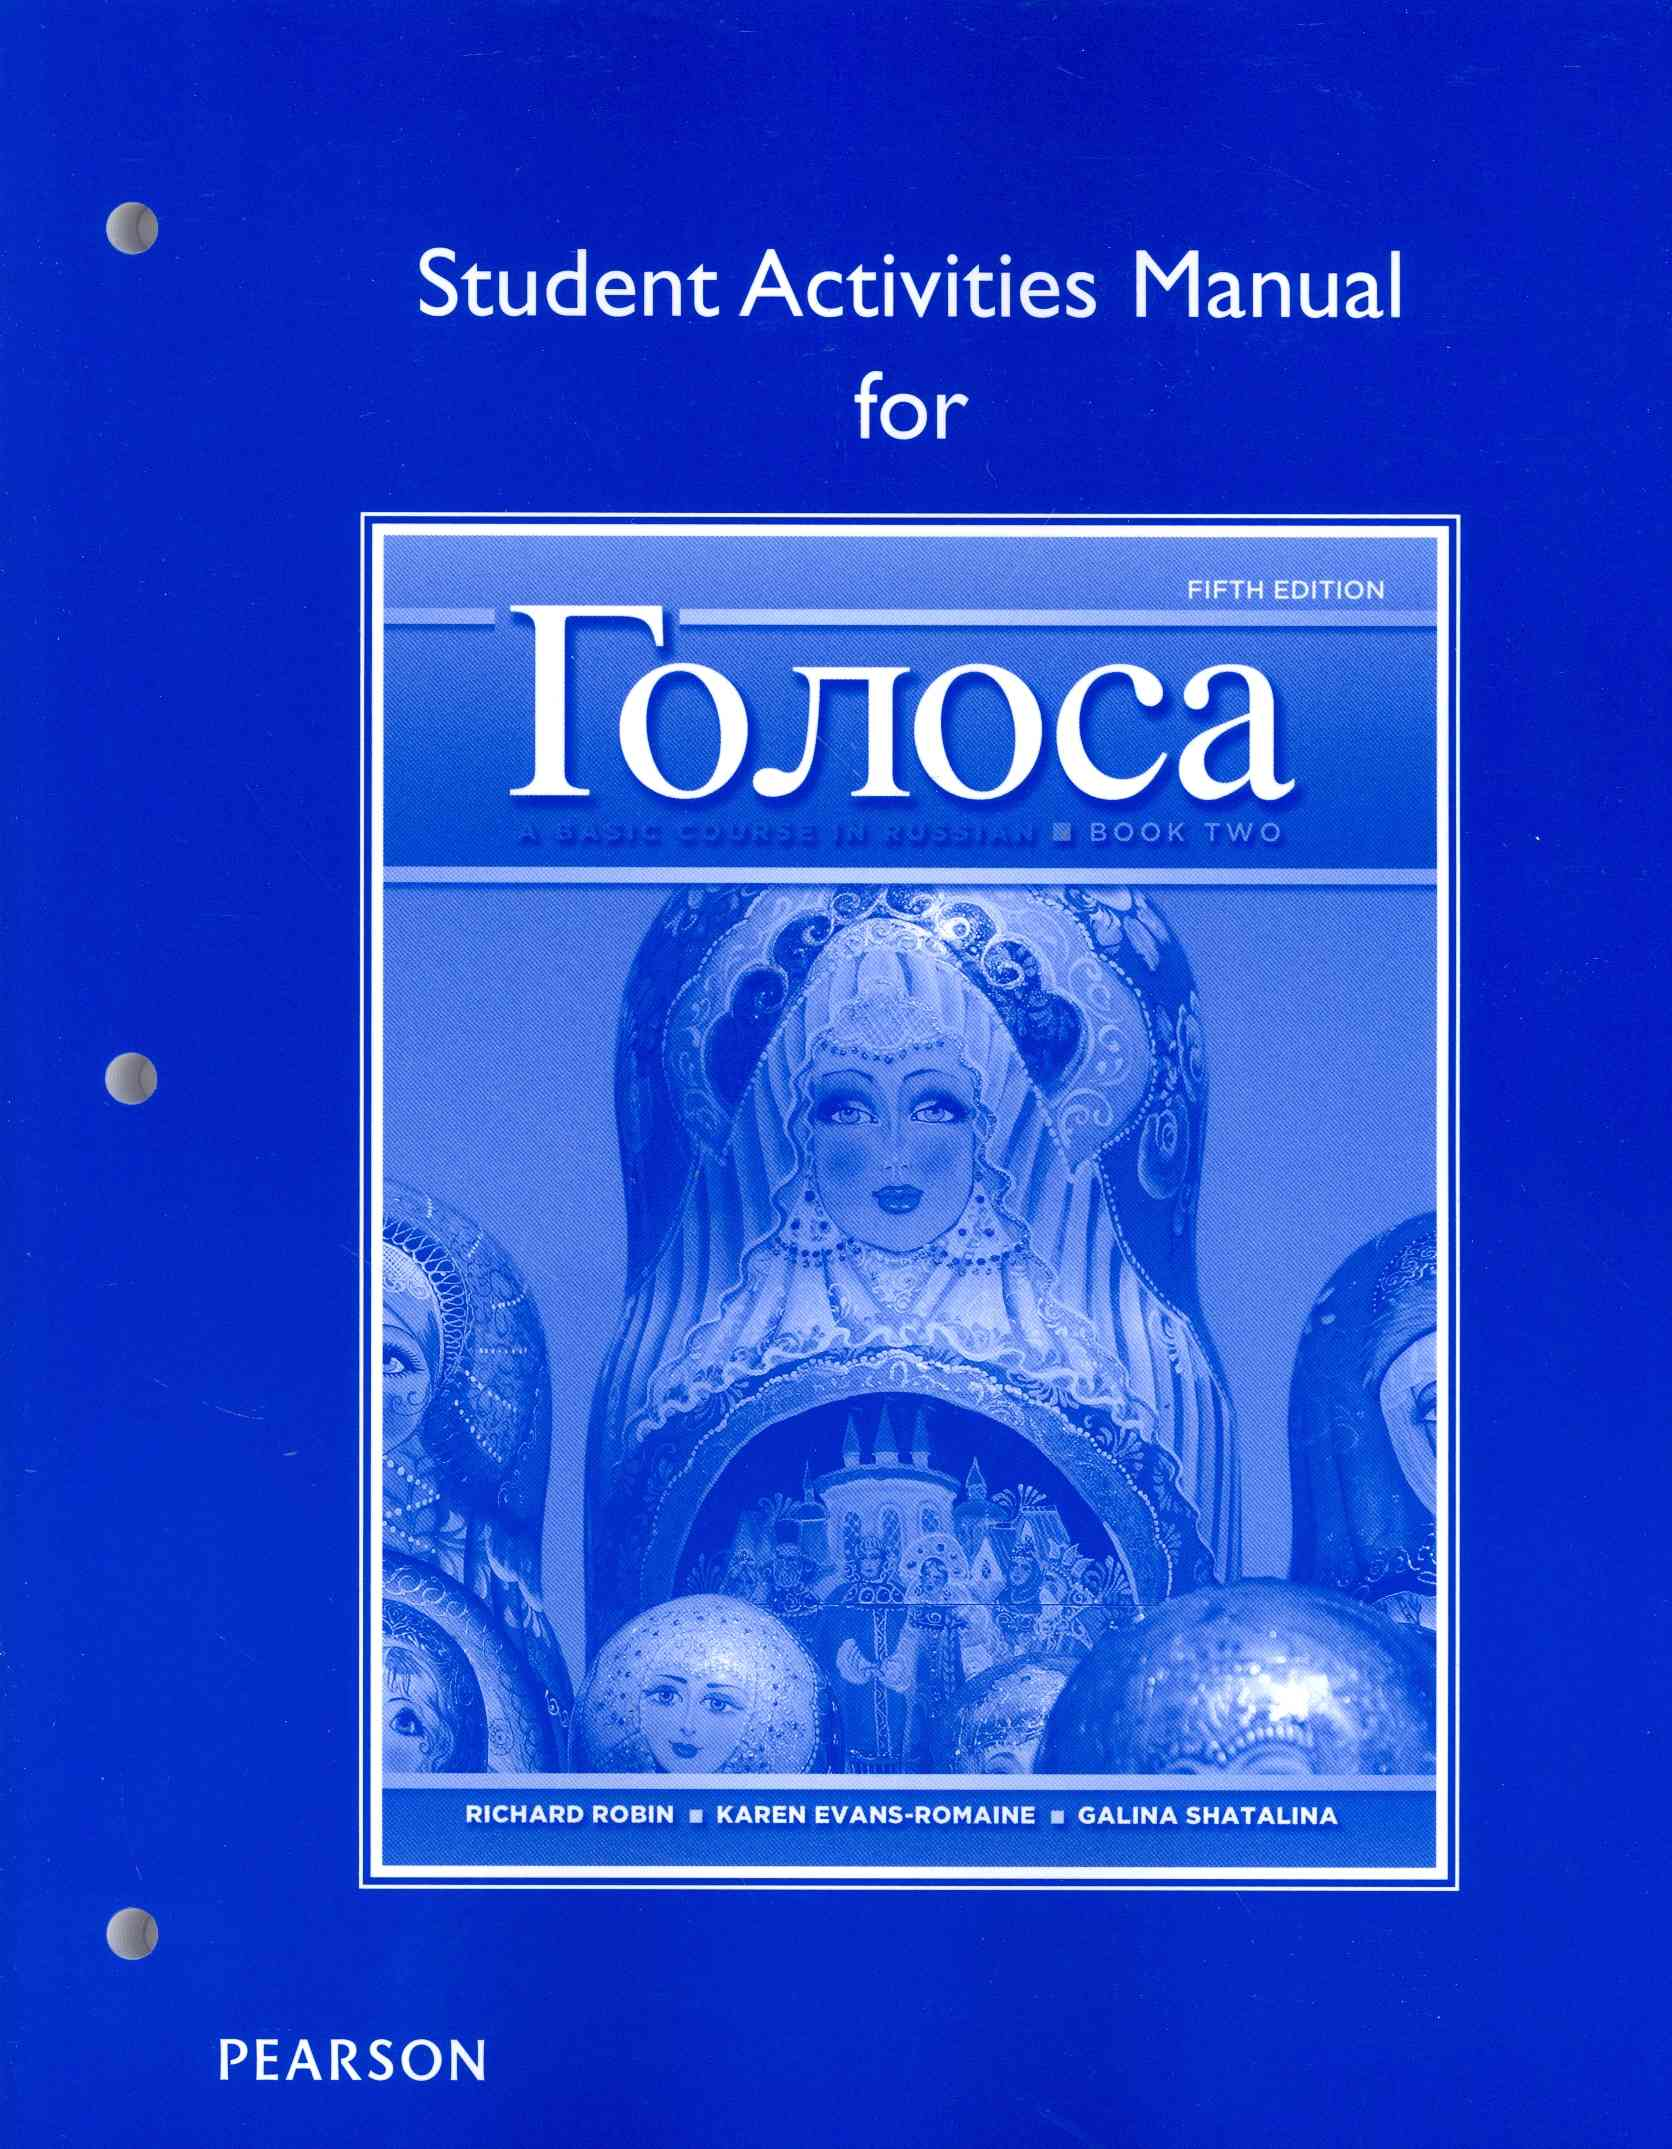 Golosa Student Activities Manual By Robin, Richard M./ Evans-Romaine, Karen/ Shatalina, Galina